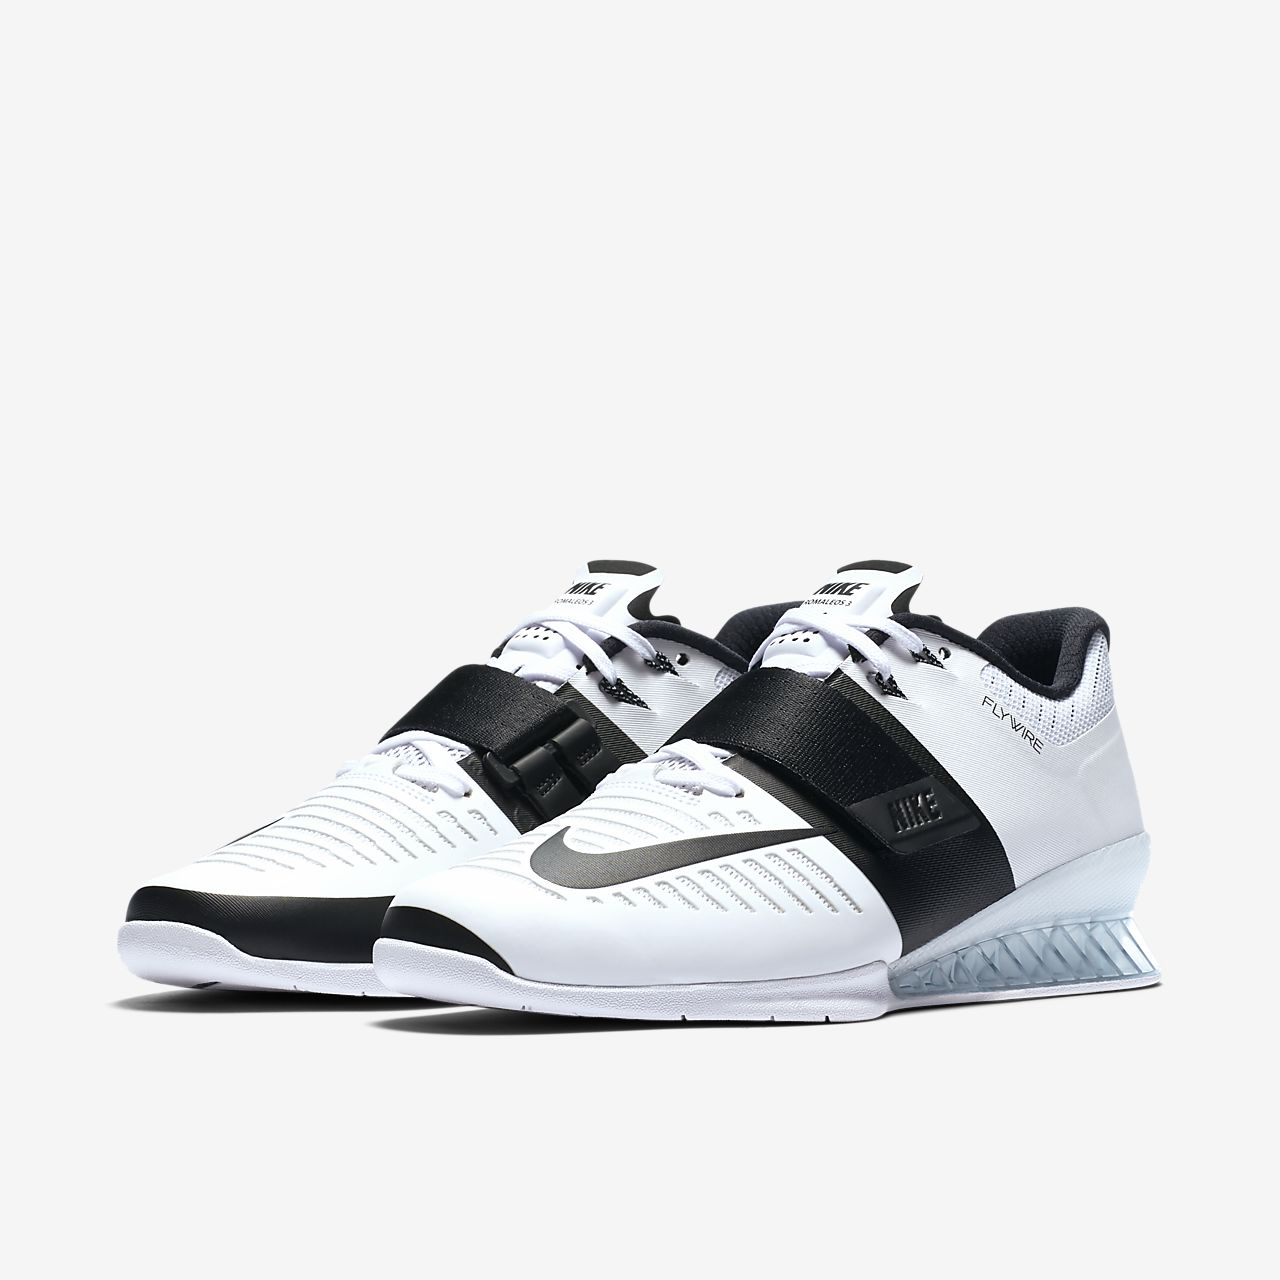 Nike Romaleos 3 White Black 878557100